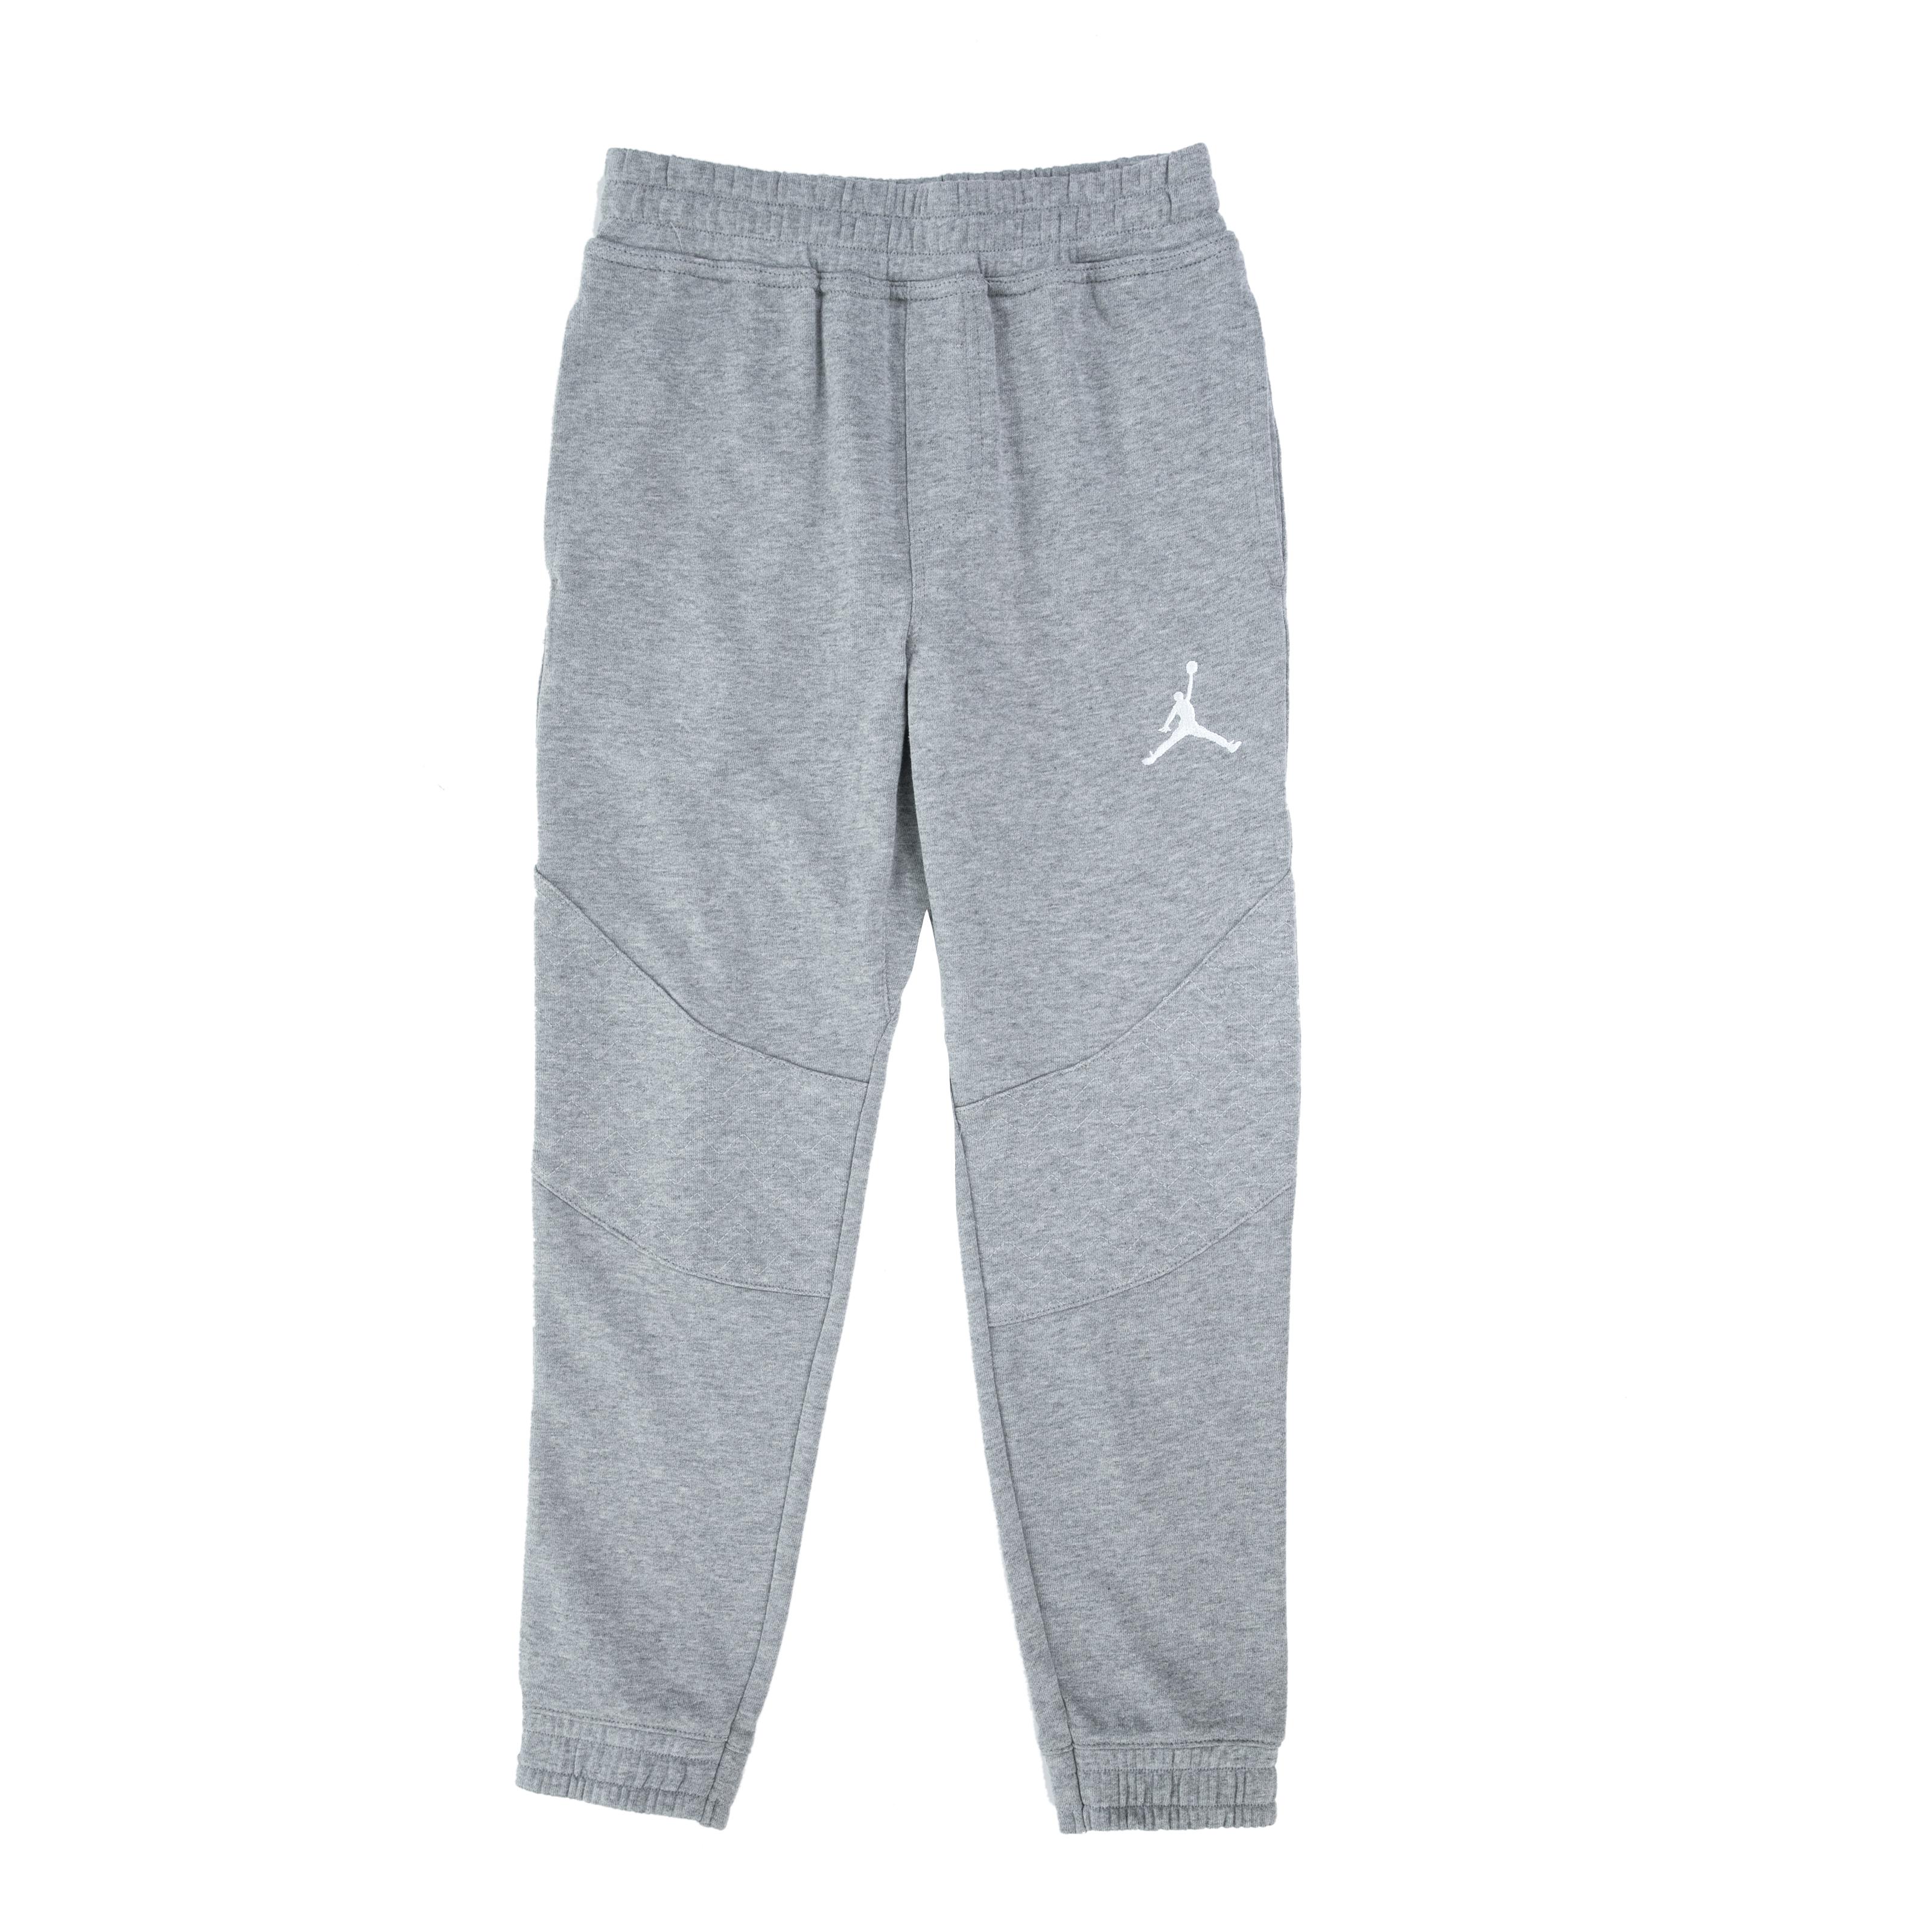 ba4f3b8ab02 NIKE - Παιδικό παντελόνι φόρμας NIKE γκρι, Παιδικά αθλητικά ρούχα ...